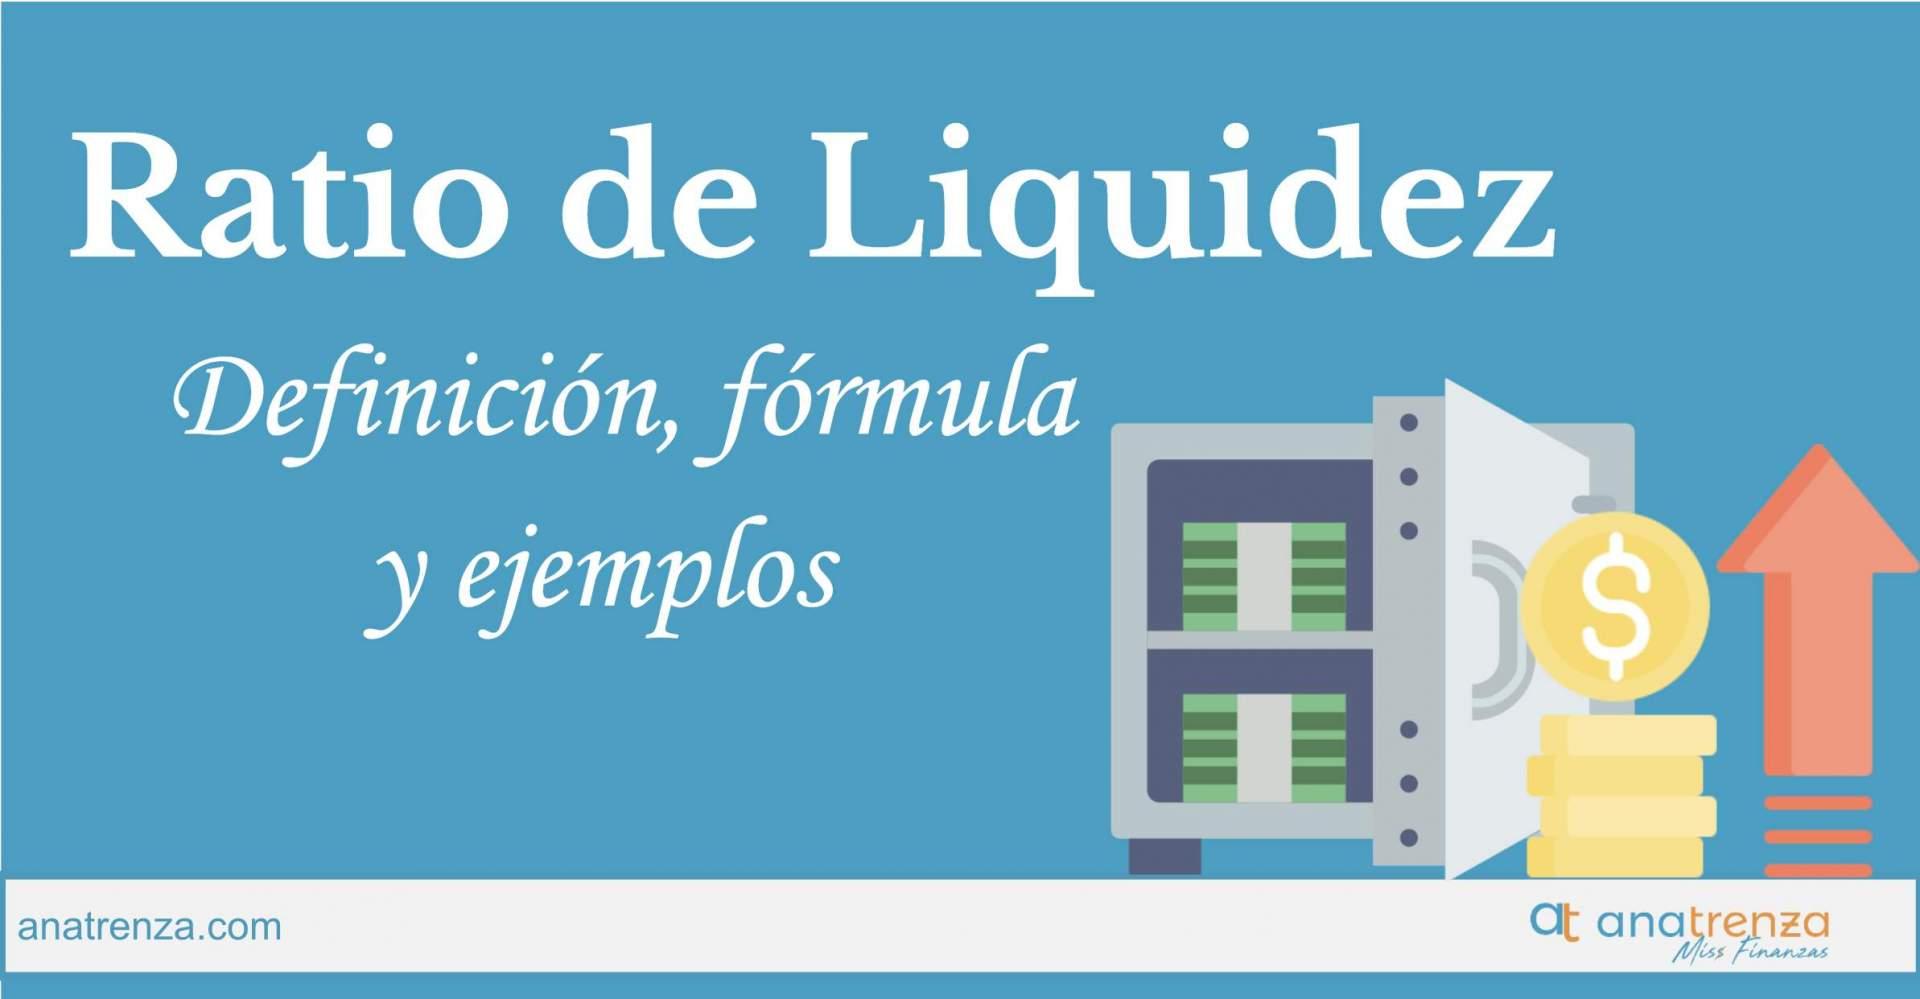 RATIO DE LIQUIDEZ: DEFINICIÓN, FÓRMULA, INTERPRETACIÓN, VALORES ÓPTIMOS Y EJEMPLOS